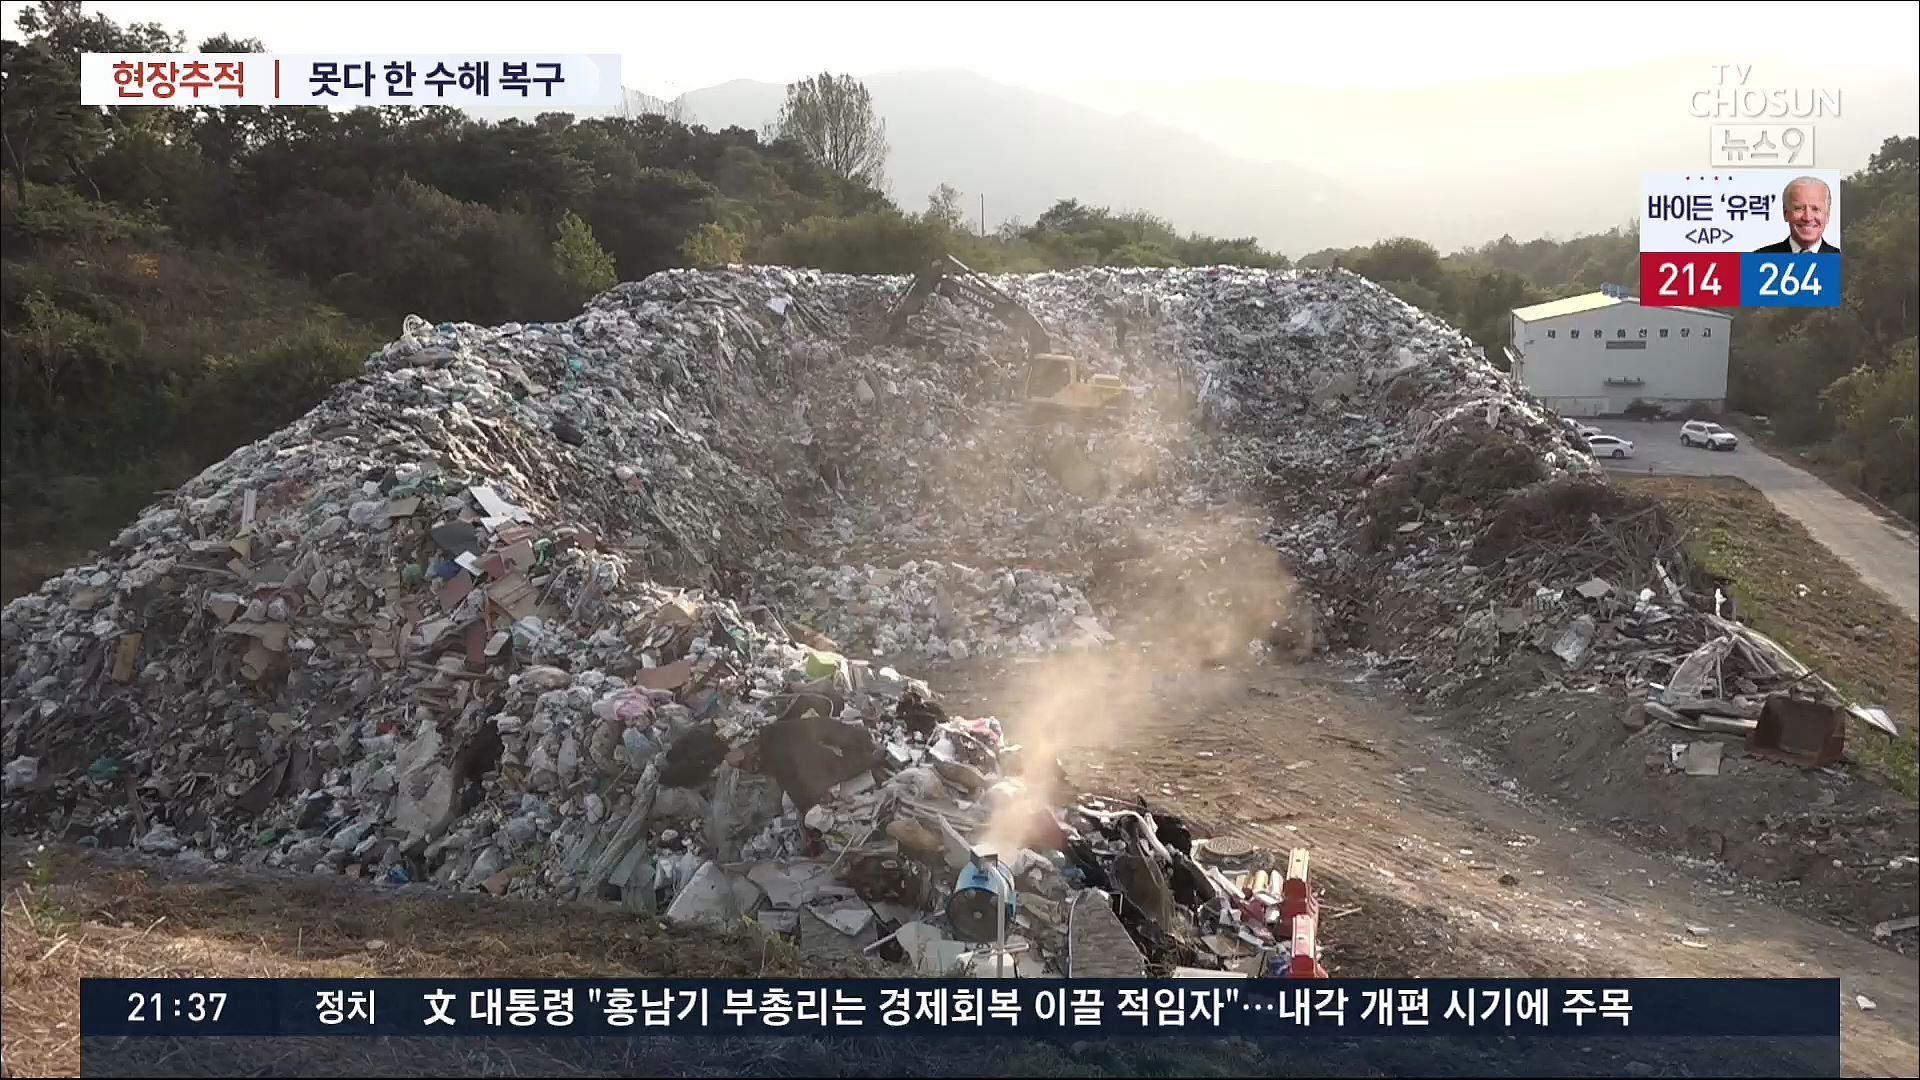 [현장추적] 태풍 지나간 게 언젠데 '아직도 쓰레기 산더미'